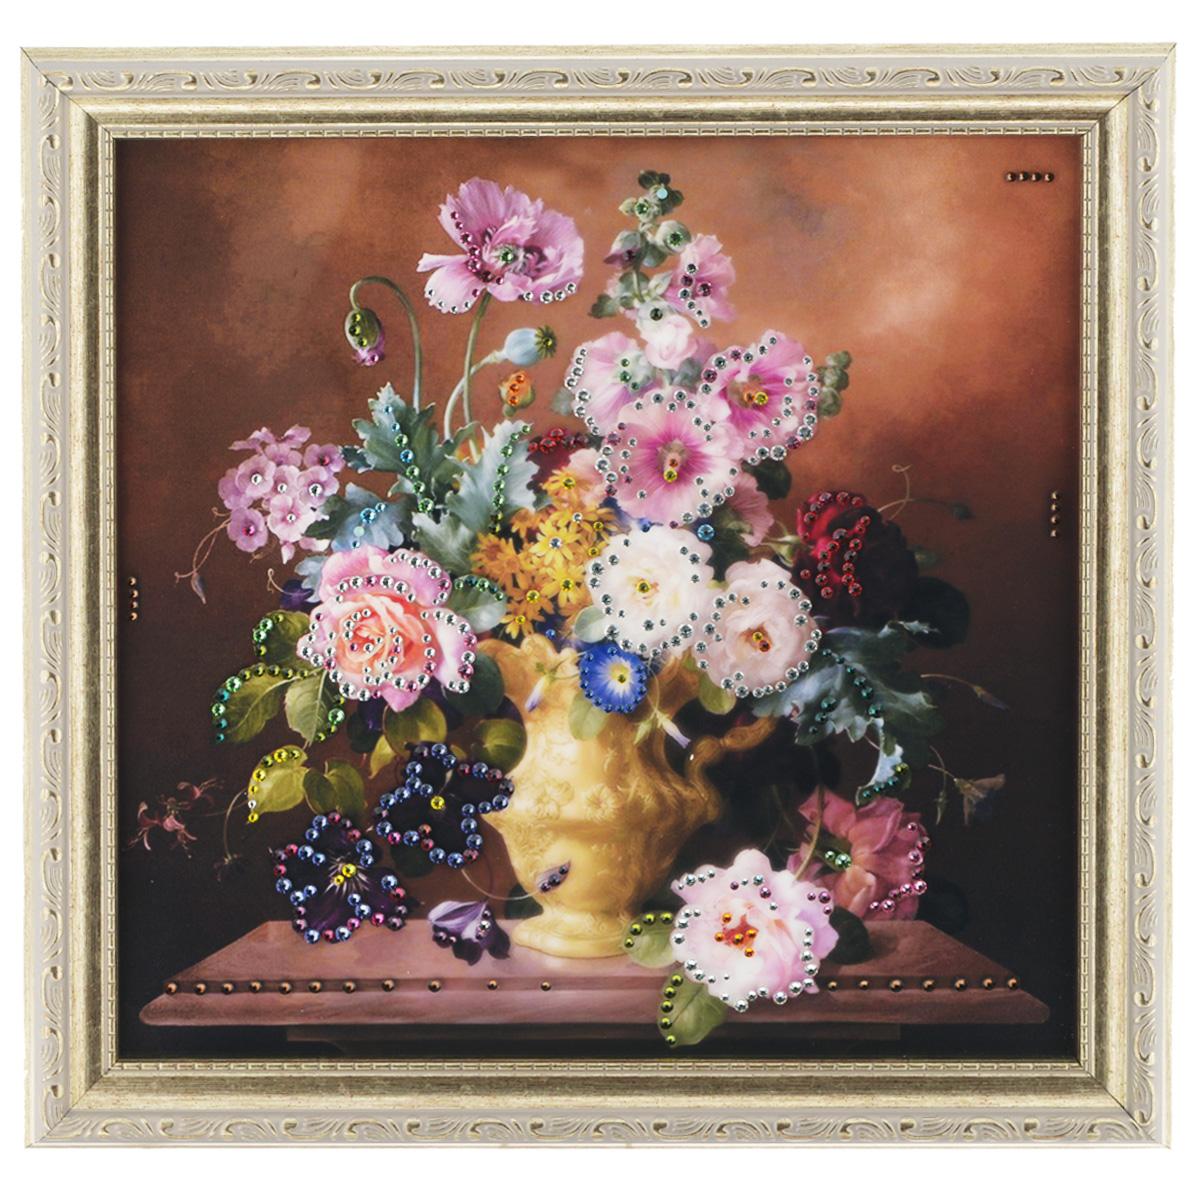 Картина с кристаллами Swarovski Летний аромат, 35 х 35 см1197Изящная картина в багетной раме, инкрустирована кристаллами Swarovski, которые отличаются четкой и ровной огранкой, ярким блеском и чистотой цвета. Красочное изображение букета цветов в вазе, расположенное под стеклом, прекрасно дополняет блеск кристаллов. С обратной стороны имеется металлическая проволока для размещения картины на стене. Картина с кристаллами Swarovski Летний аромат элегантно украсит интерьер дома или офиса, а также станет прекрасным подарком, который обязательно понравится получателю. Блеск кристаллов в интерьере, что может быть сказочнее и удивительнее. Картина упакована в подарочную картонную коробку синего цвета и комплектуется сертификатом соответствия Swarovski.